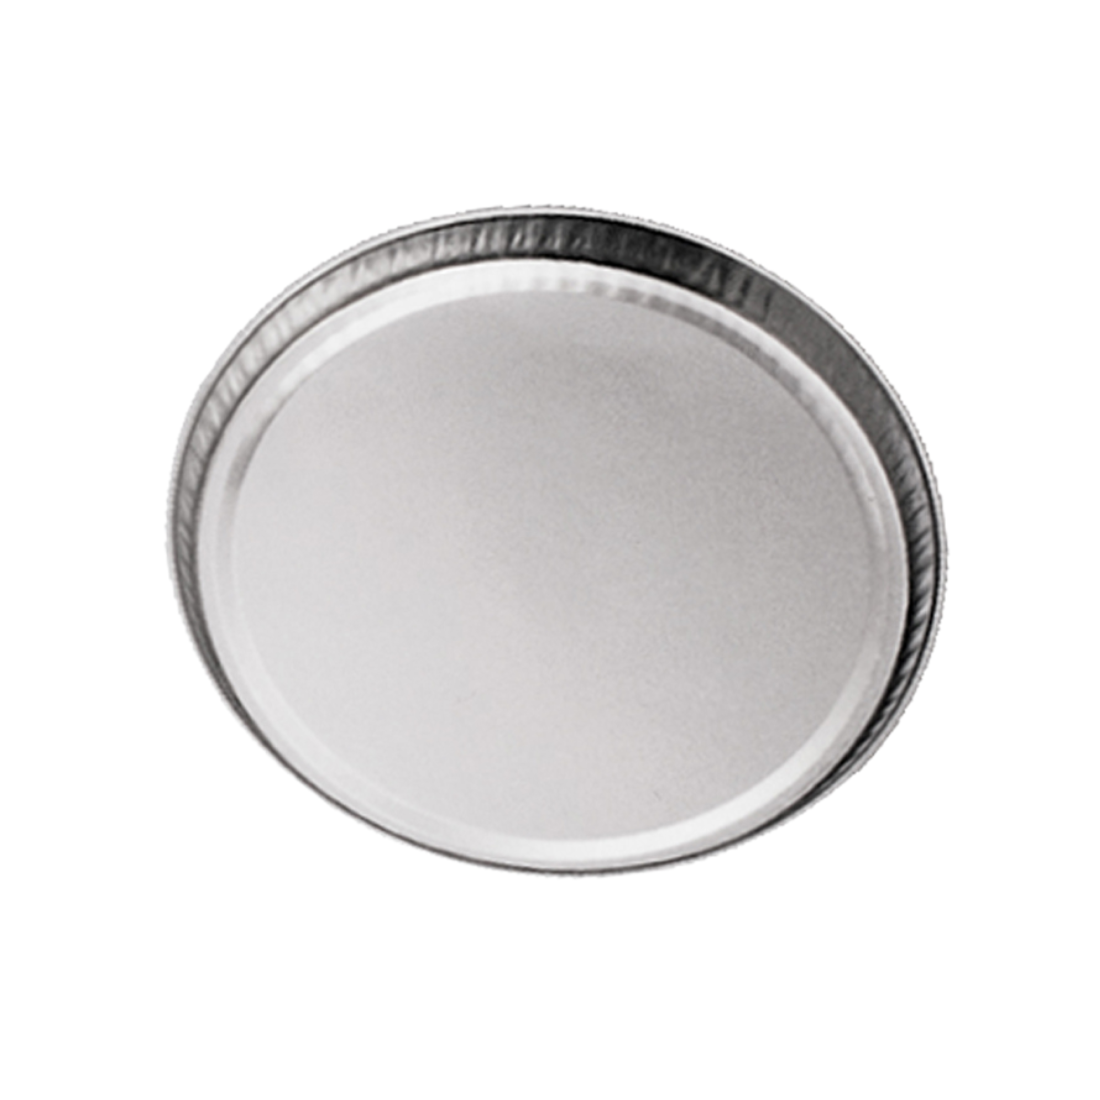 Aluminiowe szalki wagowe 125 x 5 mm 3,3 g